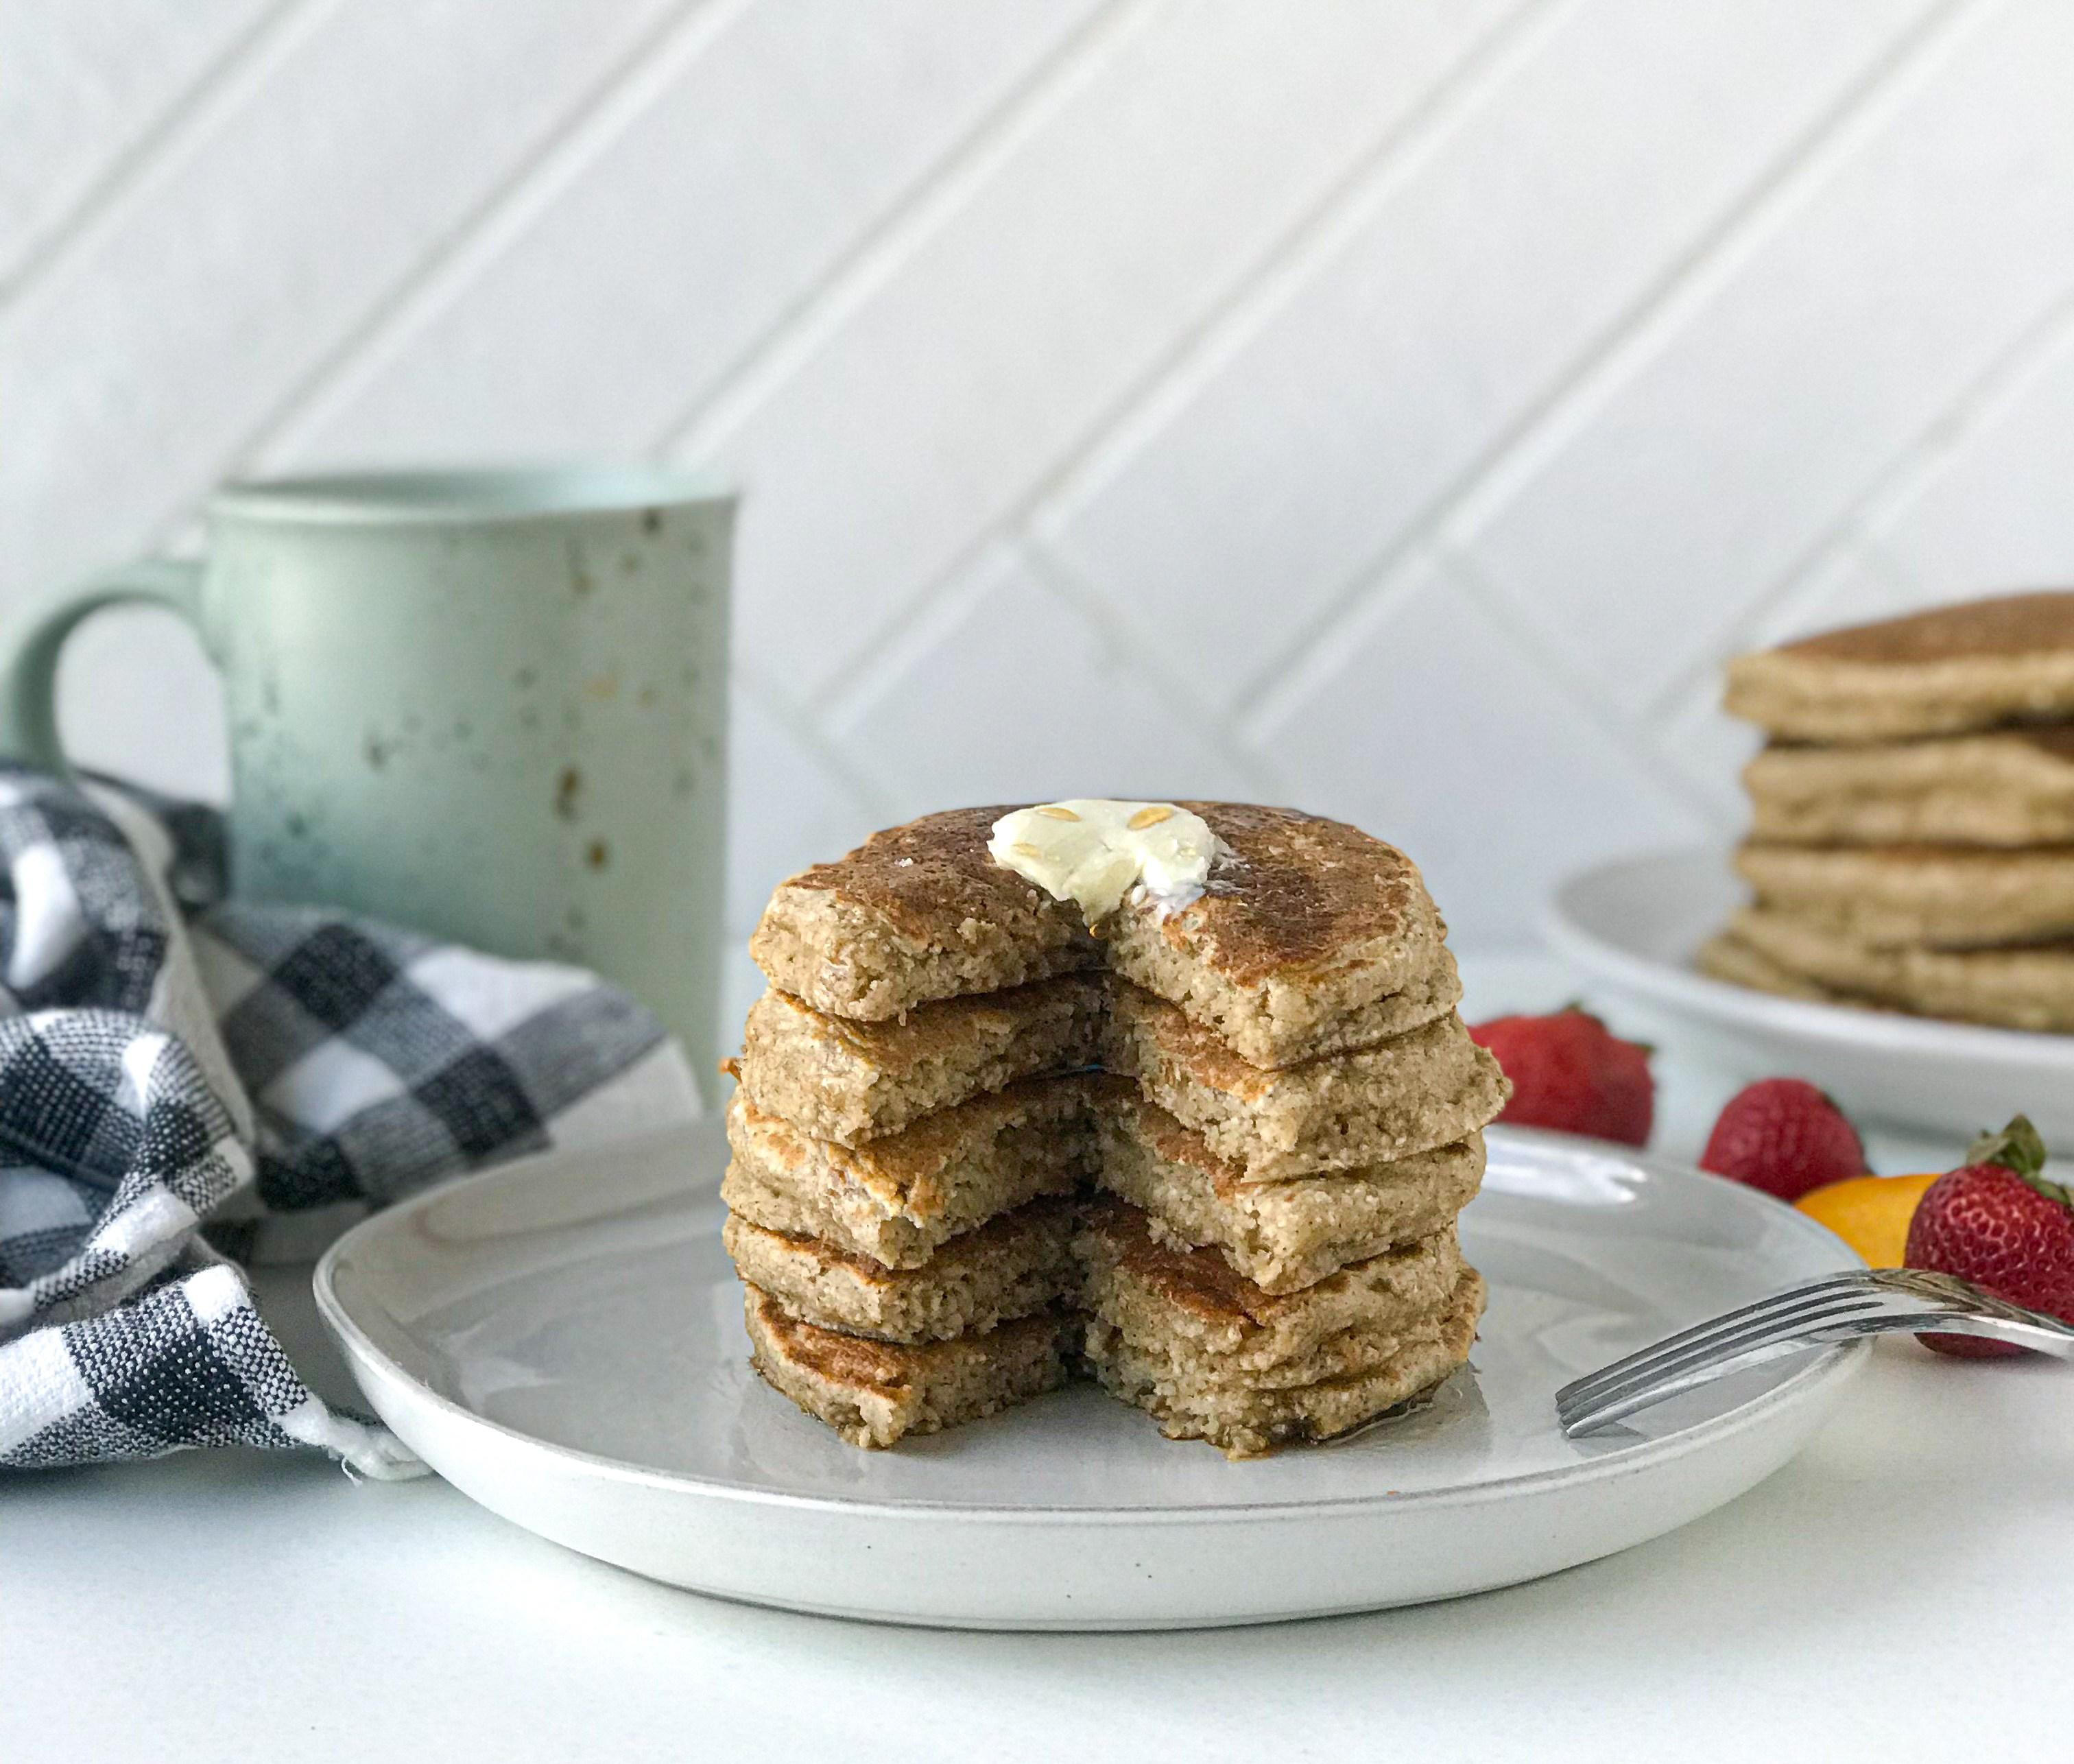 Yummy Gluten-Free Buttermilk Pancakes